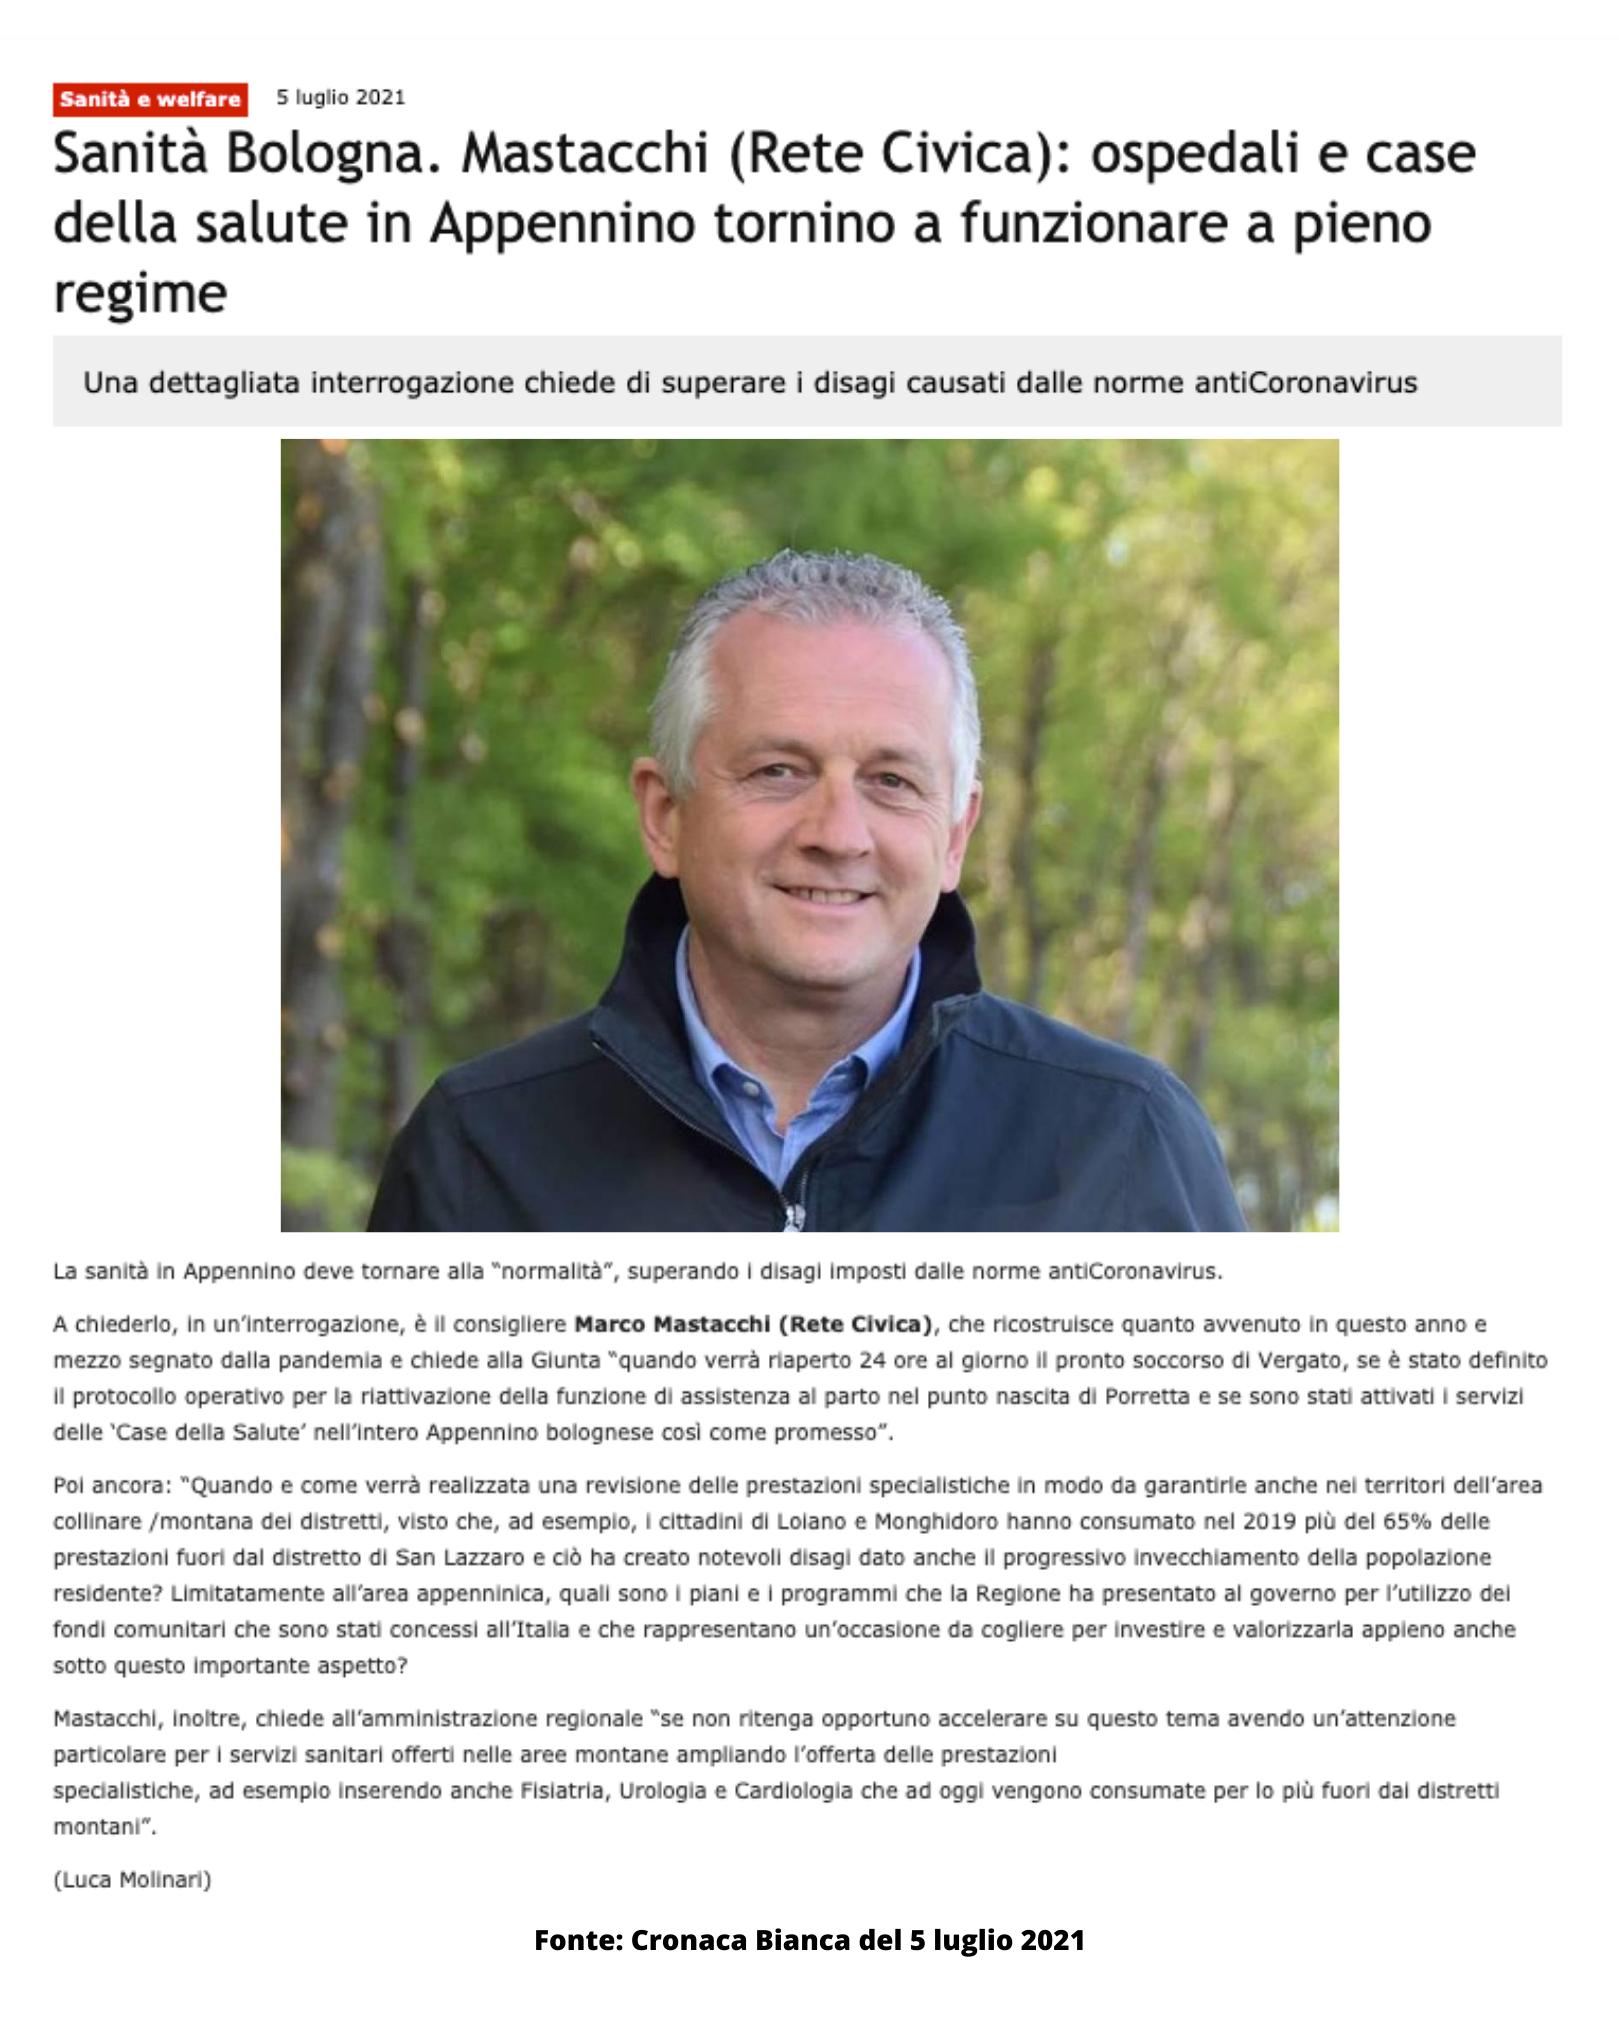 Sanità in Appennino - Mastacchi